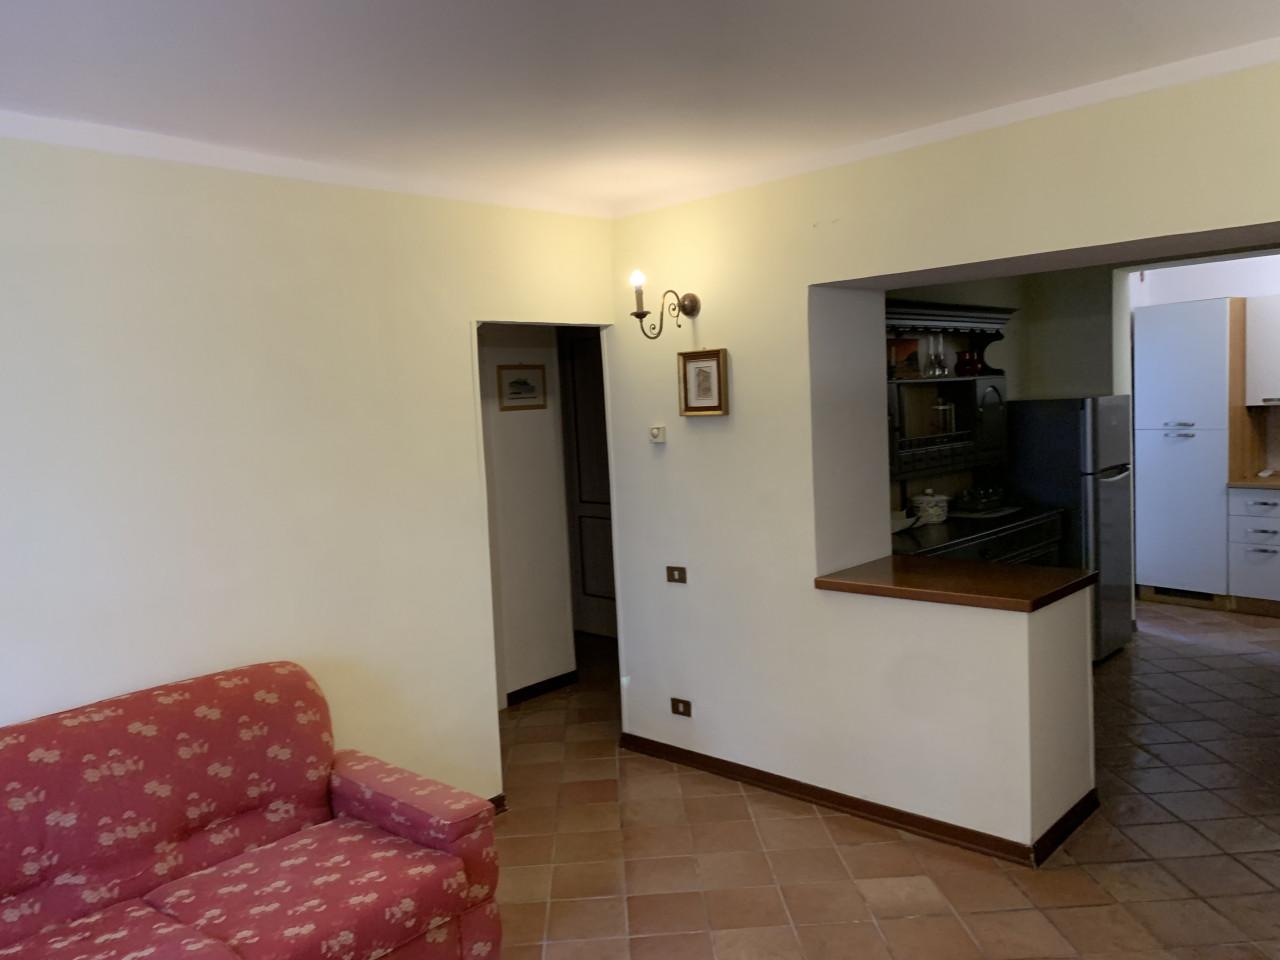 Numana zona centro affittiamo appartamento con ingresso indipendente